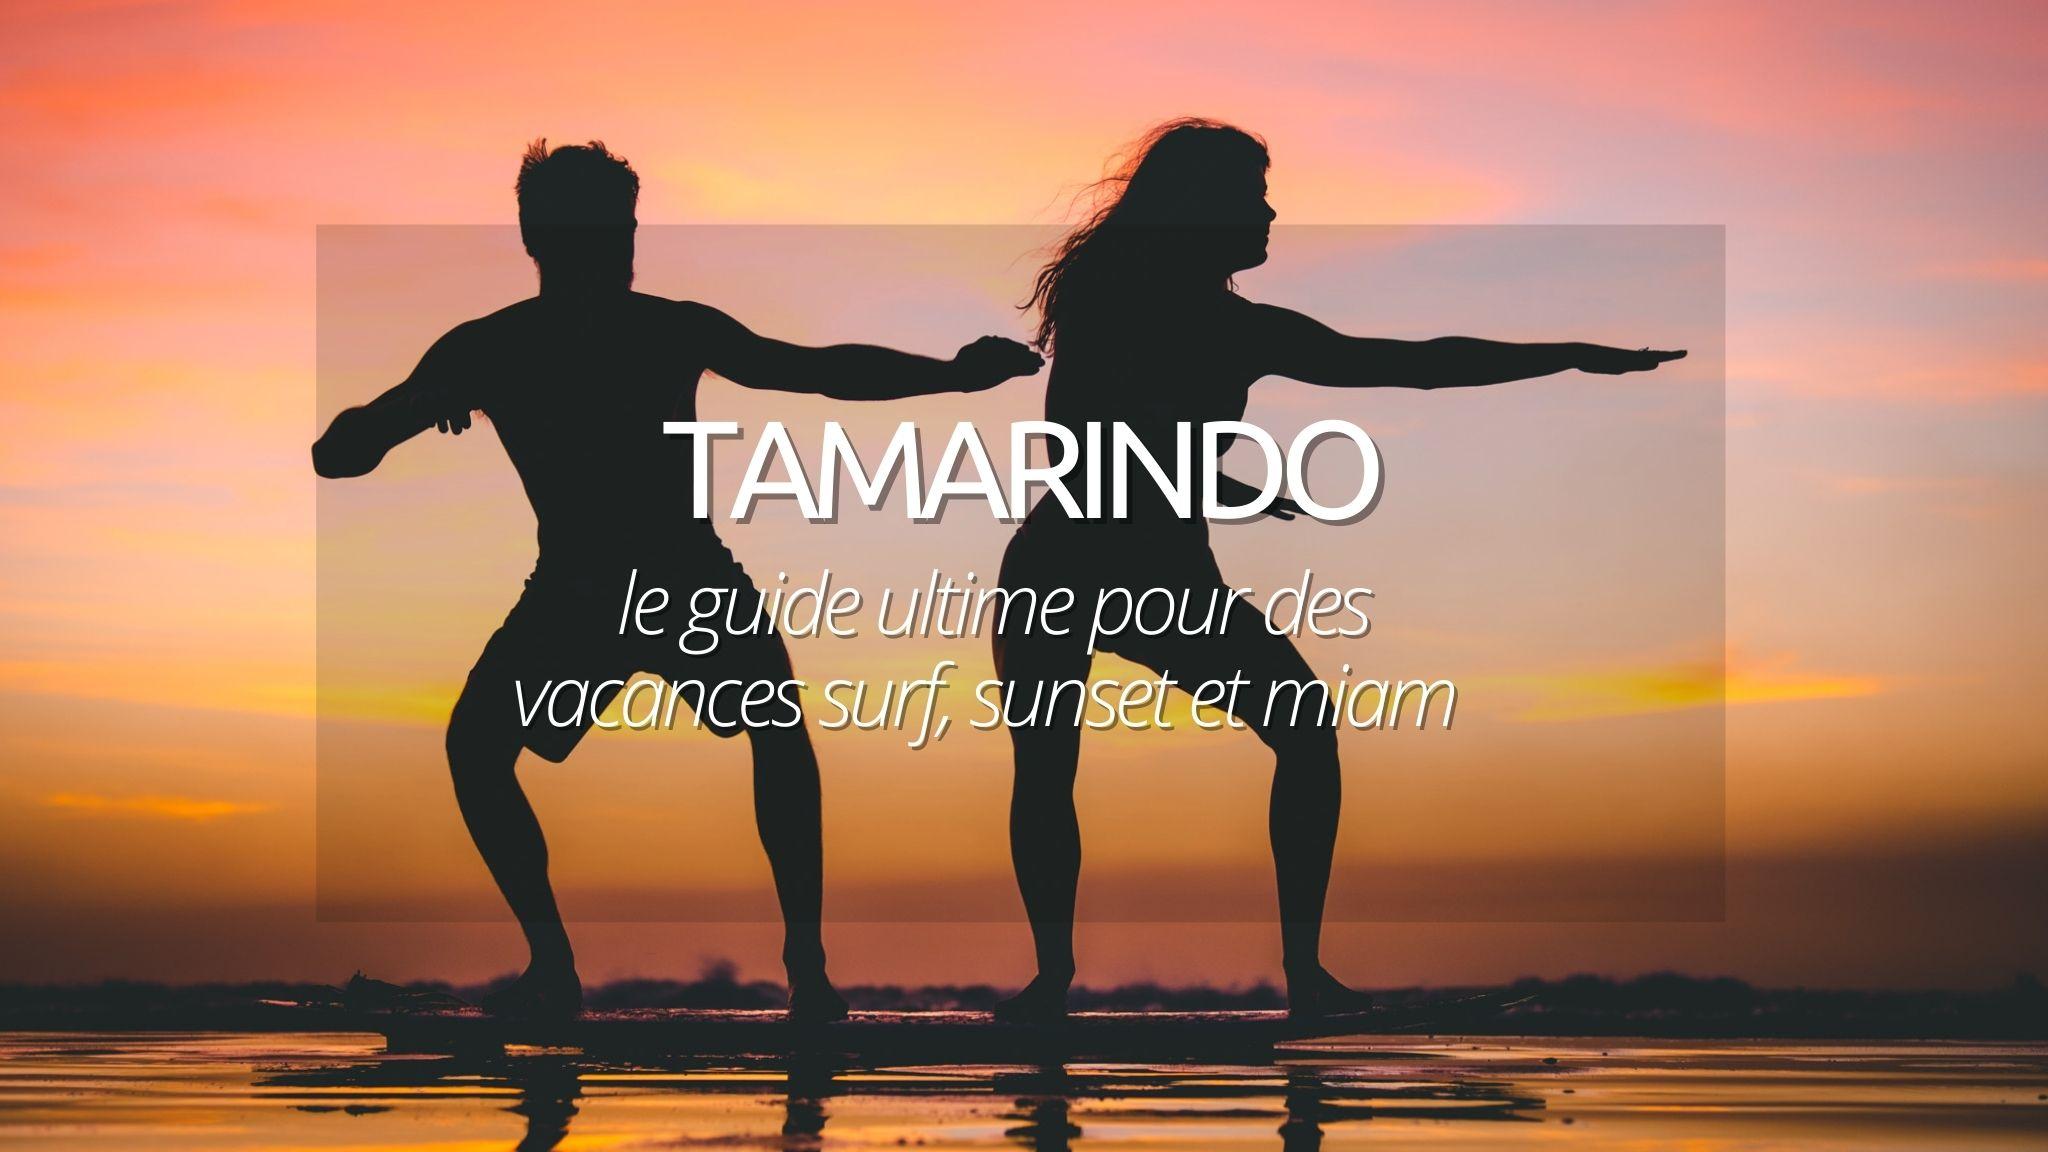 Le guide ULTIME pour découvrir Tamarindo et ses alentours au Costa Rica